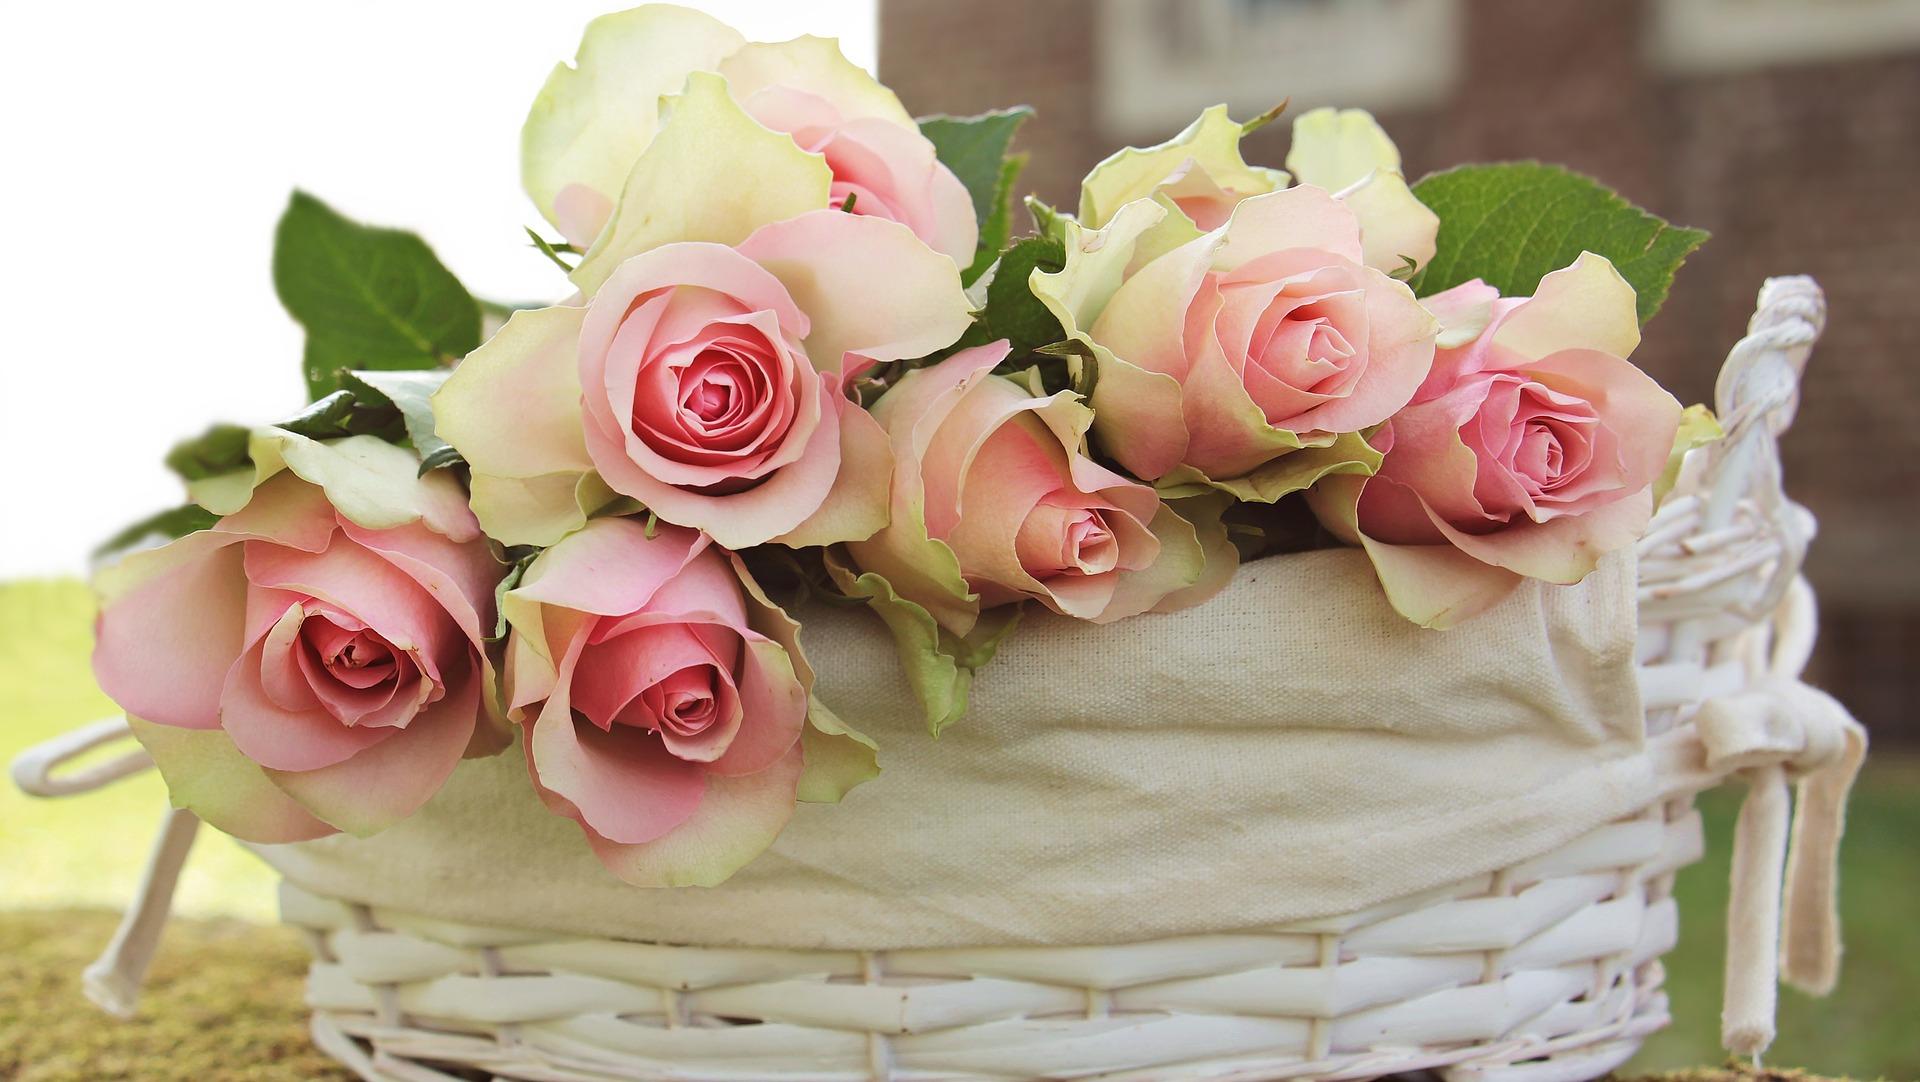 Buchetele de trandafiri roz, gratie si rafinament